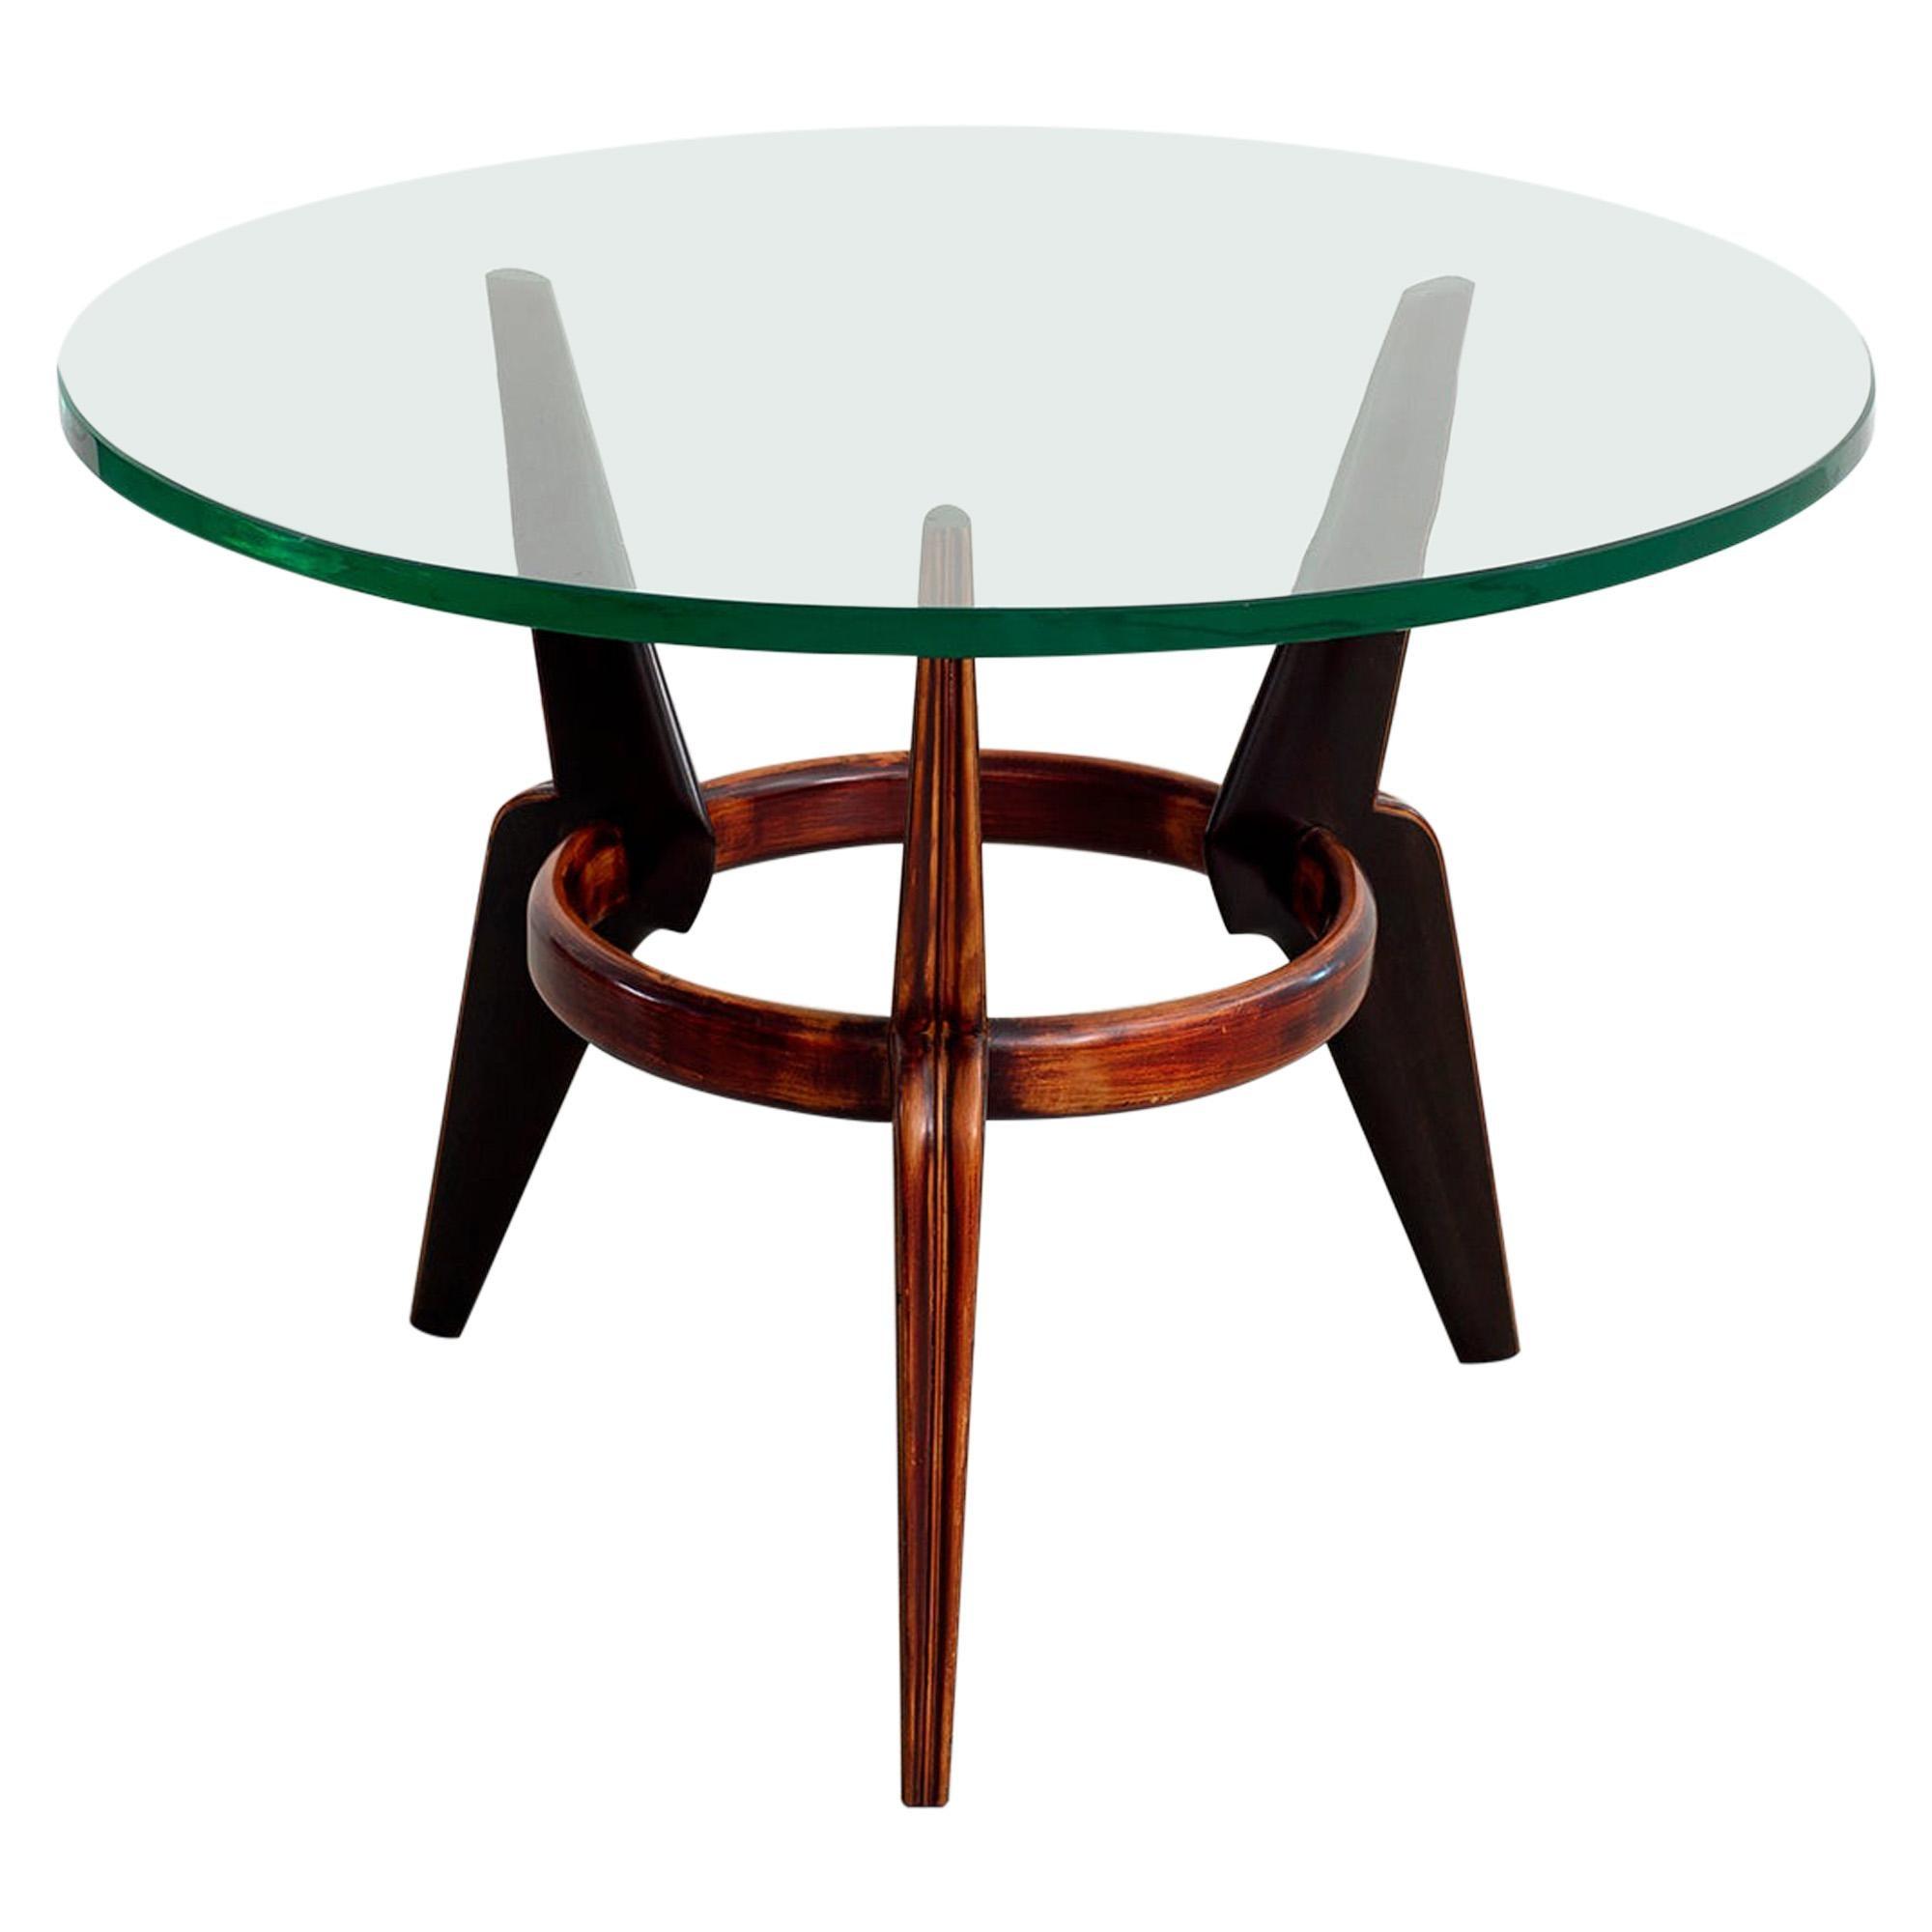 Italian Coffee Table, circa 1940s